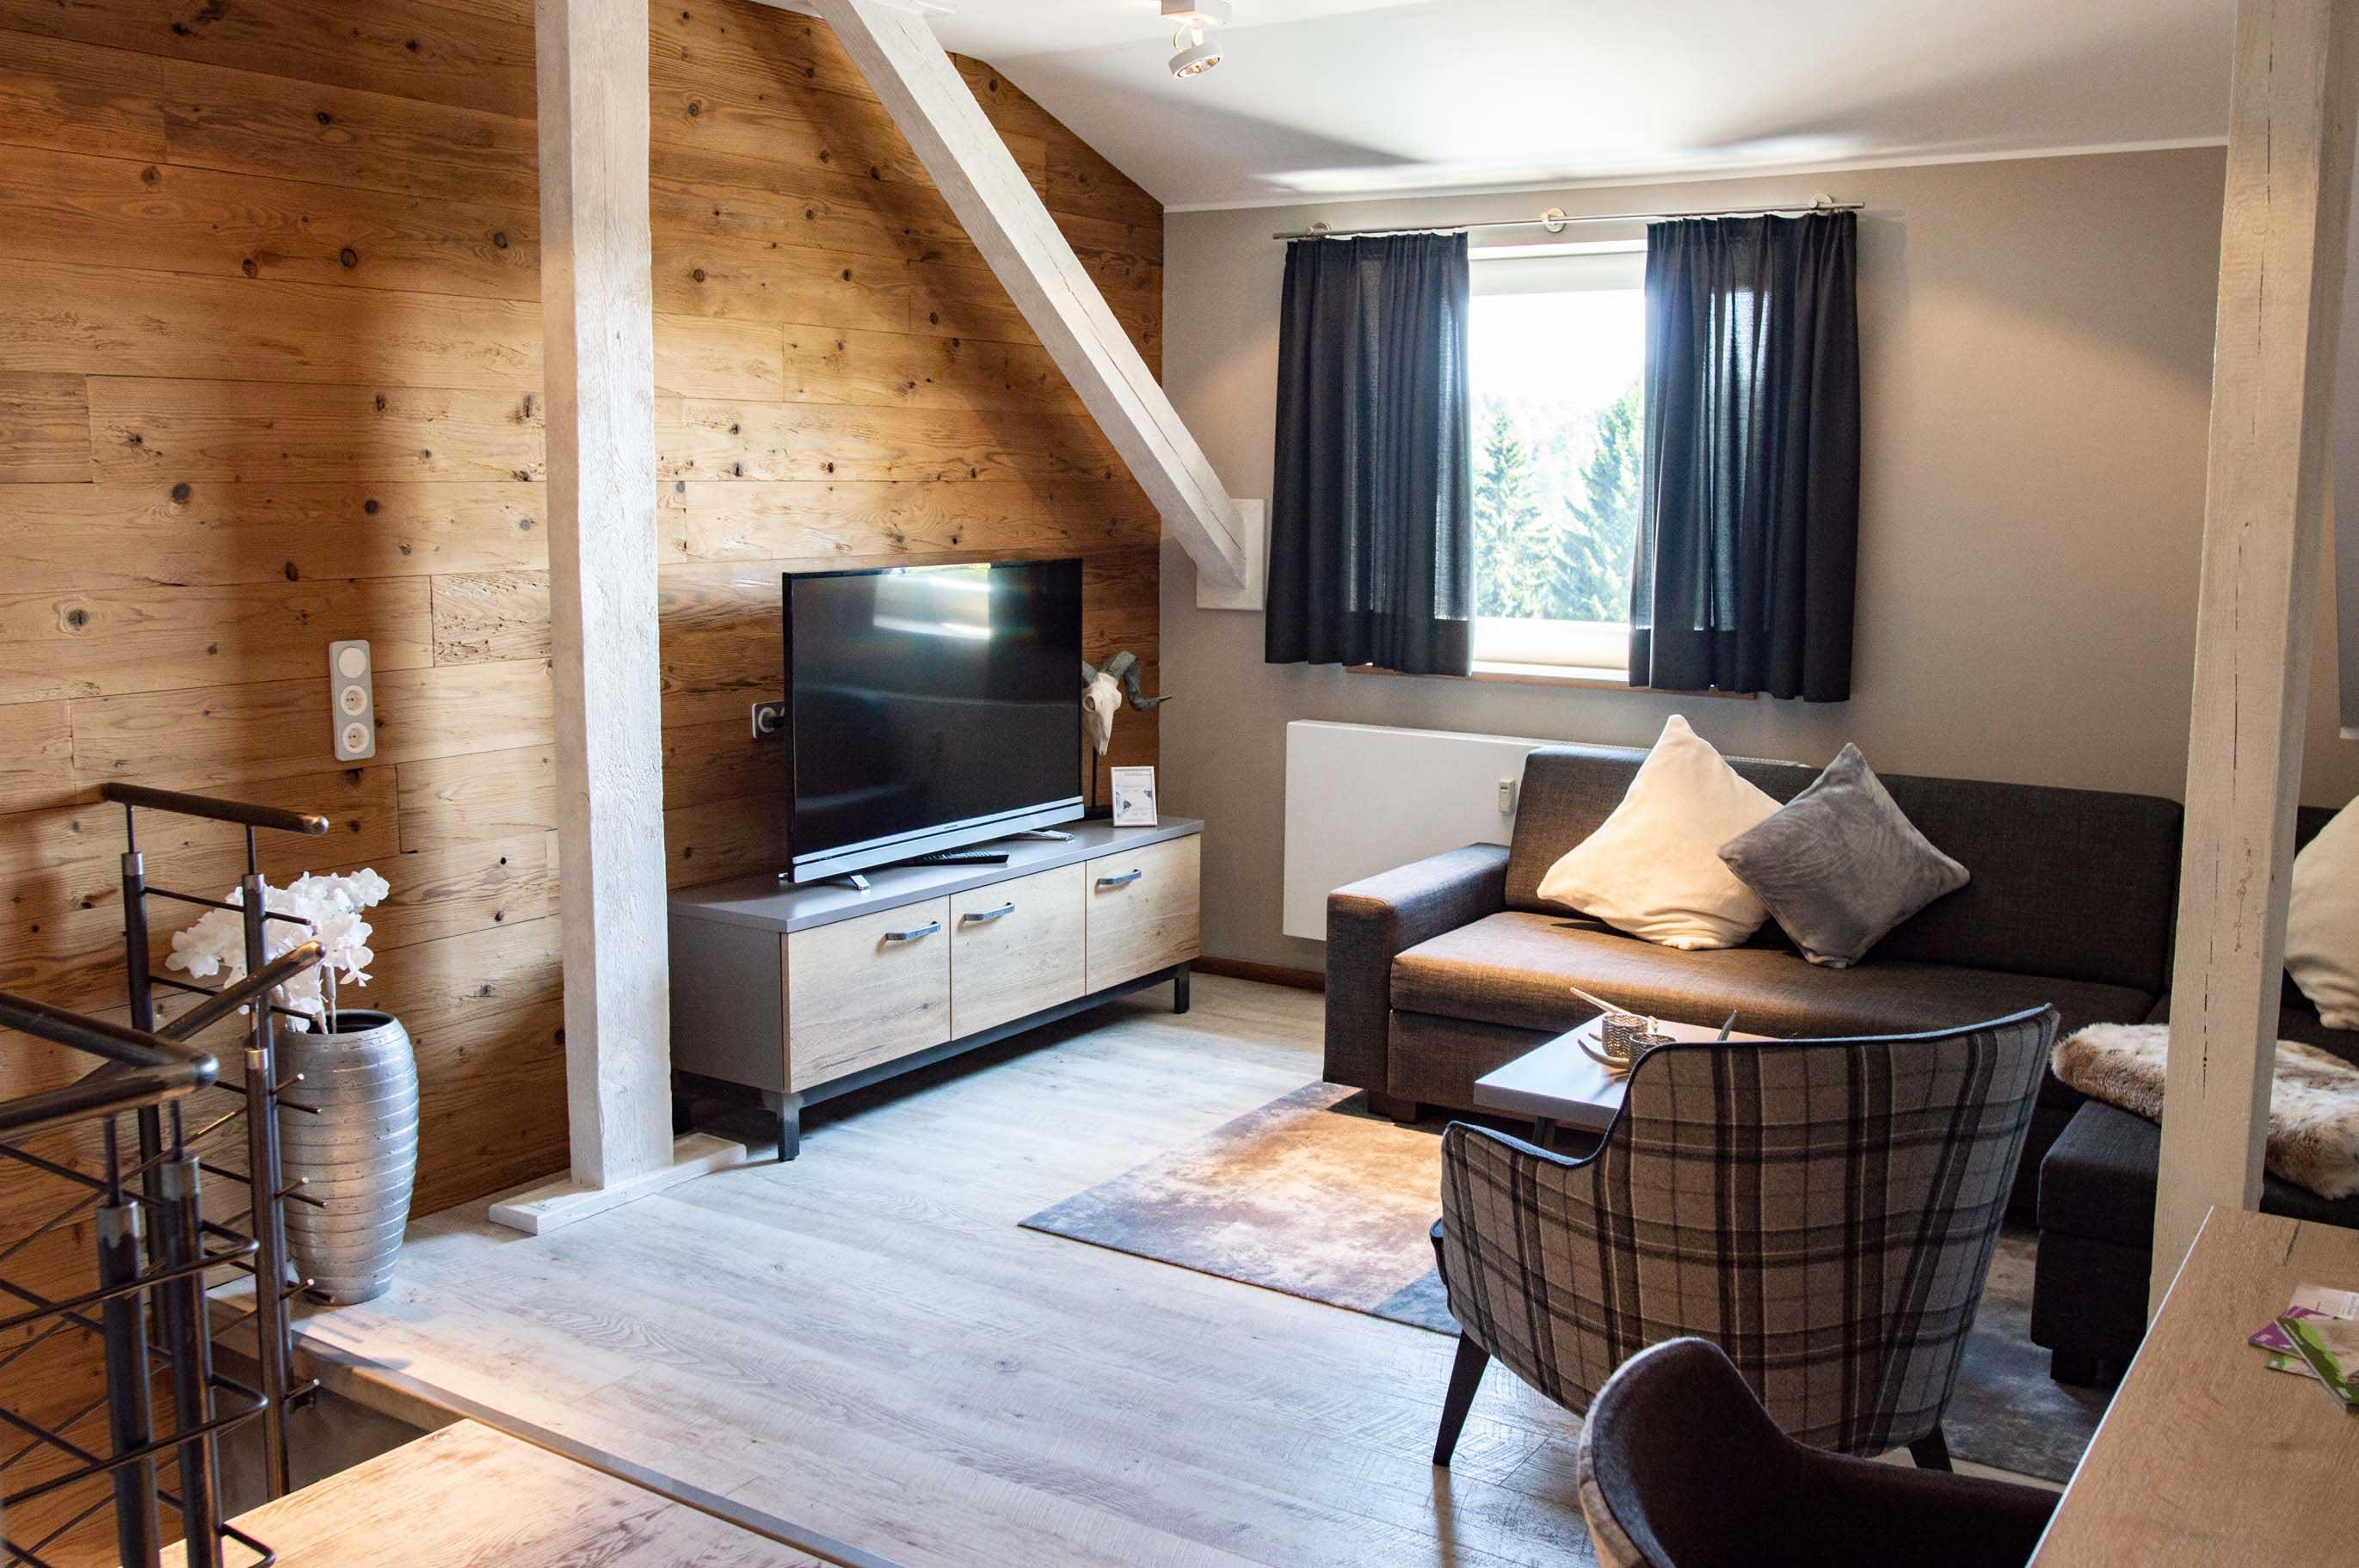 Mit einem Blick in unser Auberge schicken wir Euch ins Wochenende! Habt Ihr schon Pläne gemacht oder kommt Ihr sogar in den Harz?